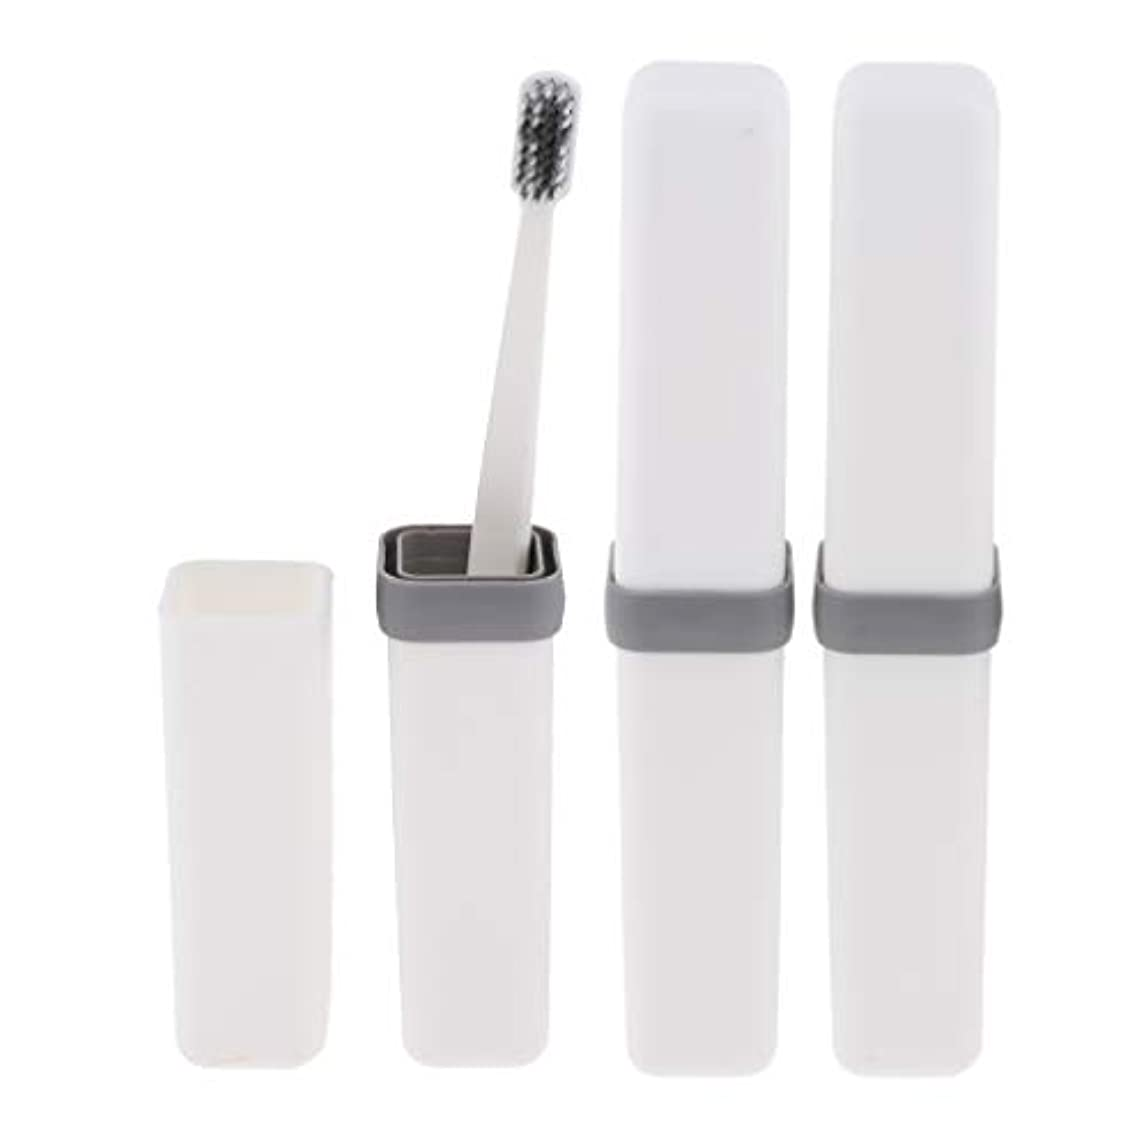 考える虚栄心シート歯ブラシ 歯磨き 歯清潔 収納ボックス付 旅行 キャンプ 学校 軽量 携帯 実用的 3個 全4色 - 白